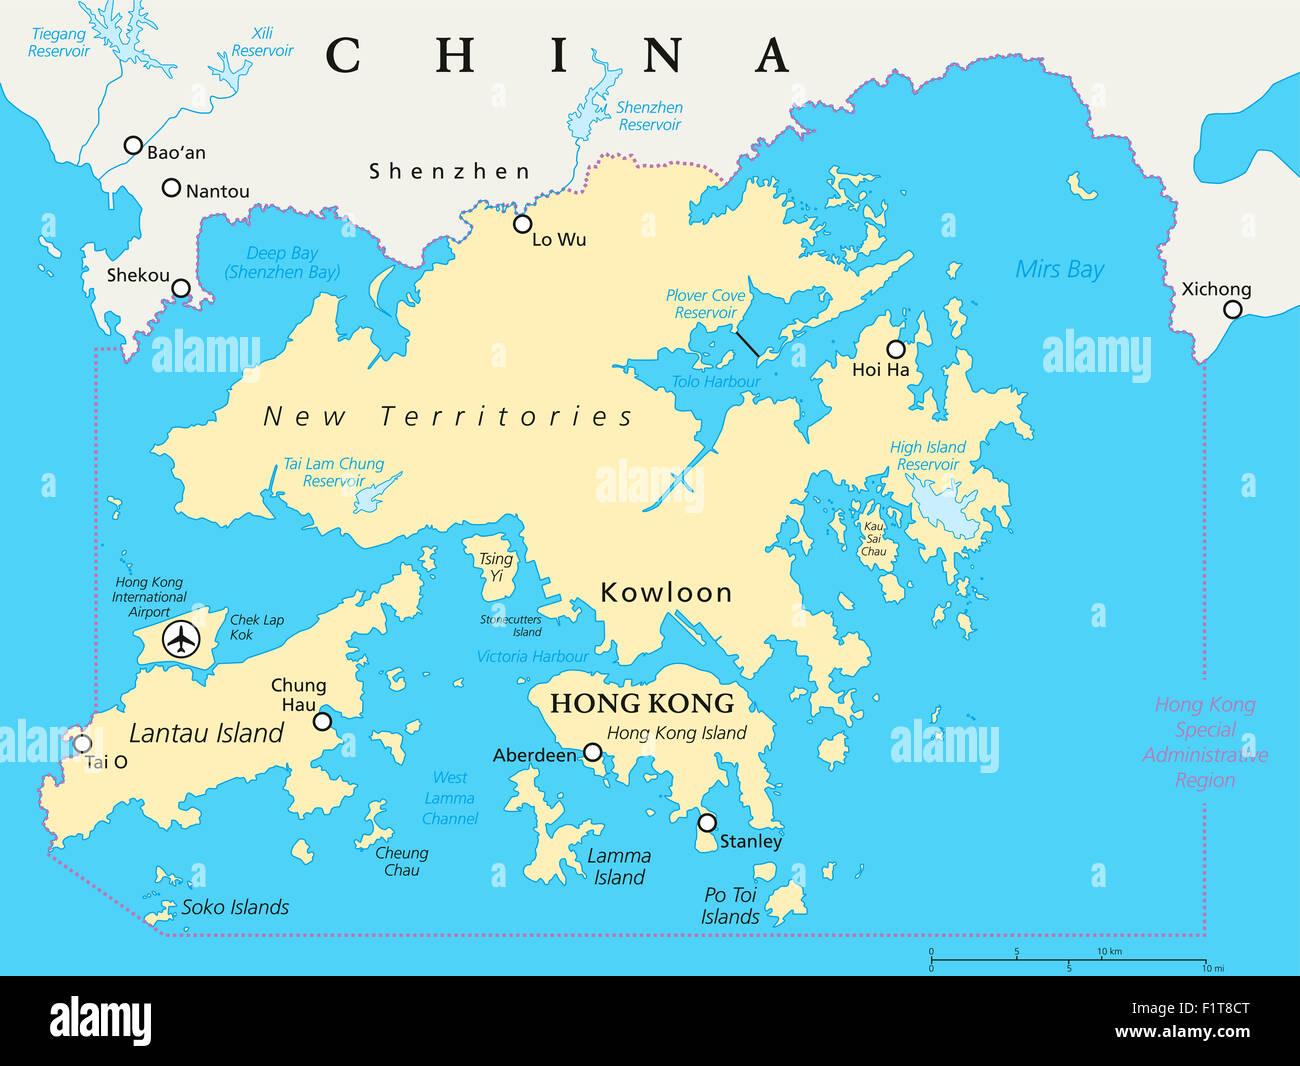 Hong kong china map hong kong china map stock photos hong kong china map stock images gumiabroncs Image collections